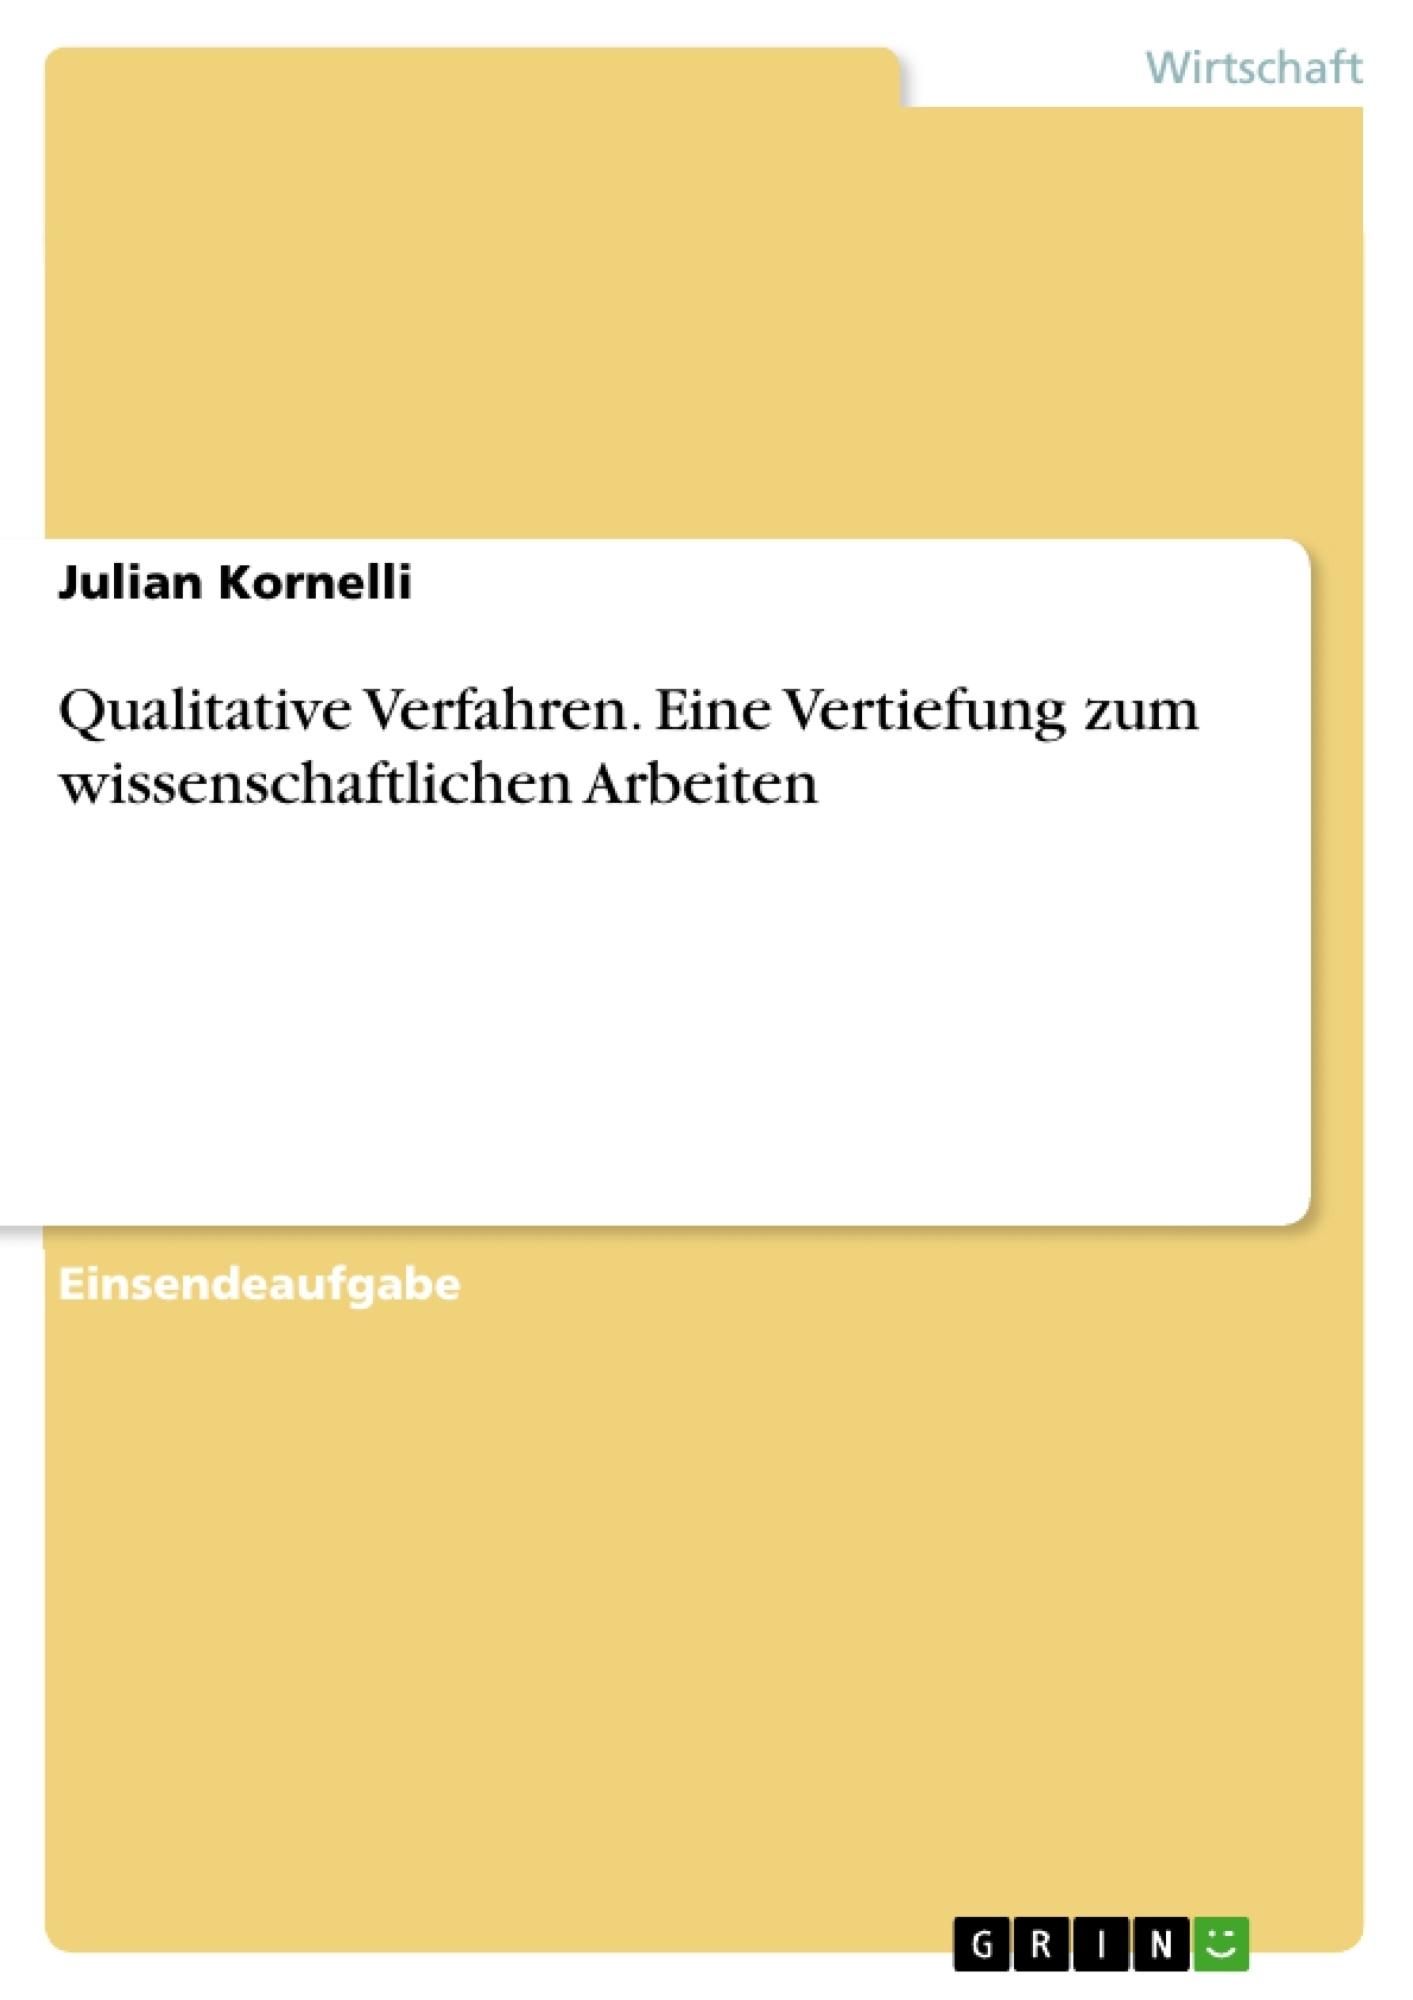 Titel: Qualitative Verfahren. Eine Vertiefung zum wissenschaftlichen Arbeiten